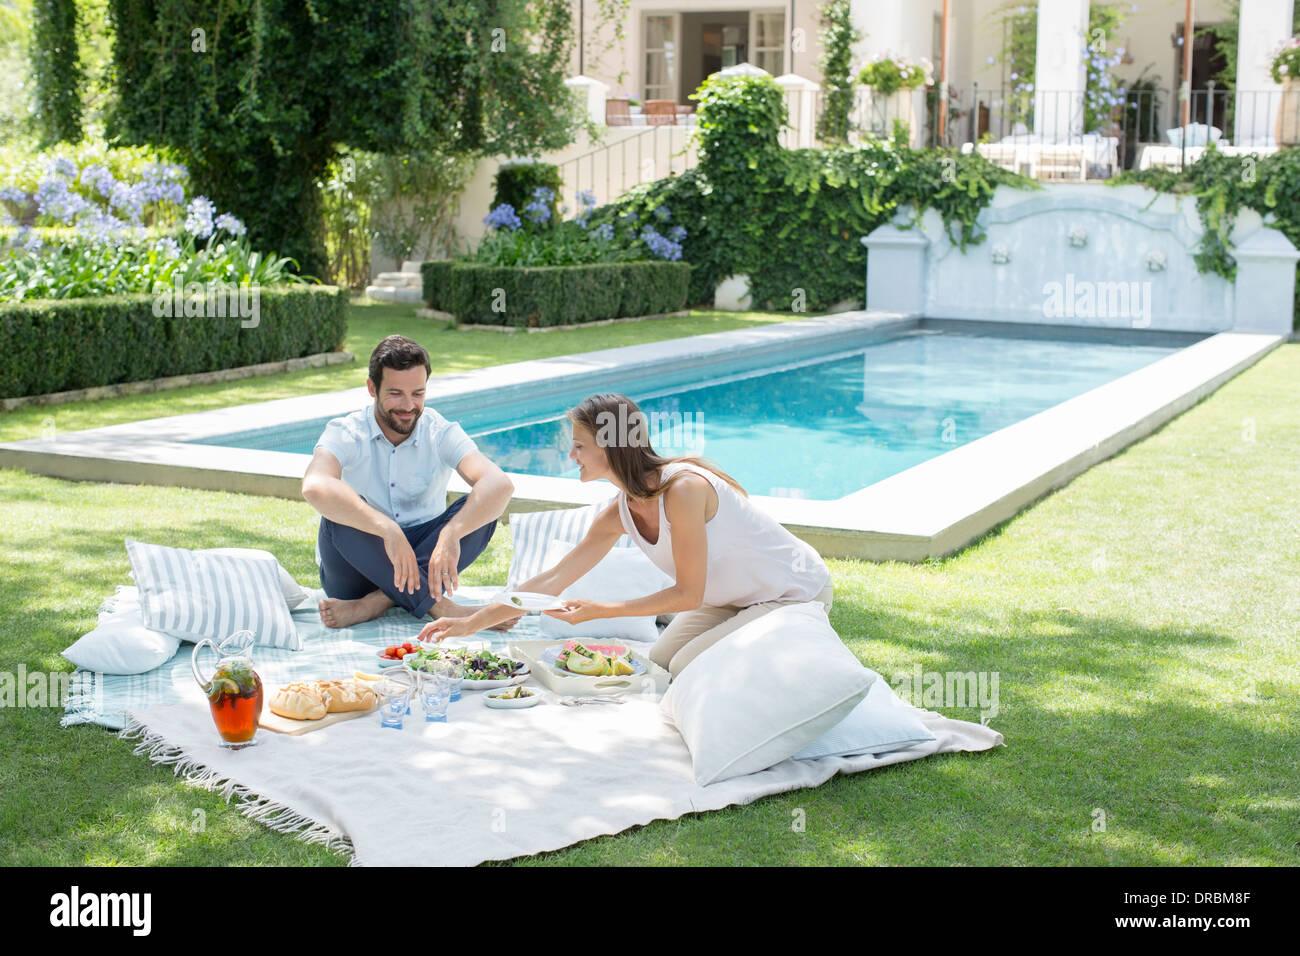 Couple enjoying picnic by pool - Stock Image